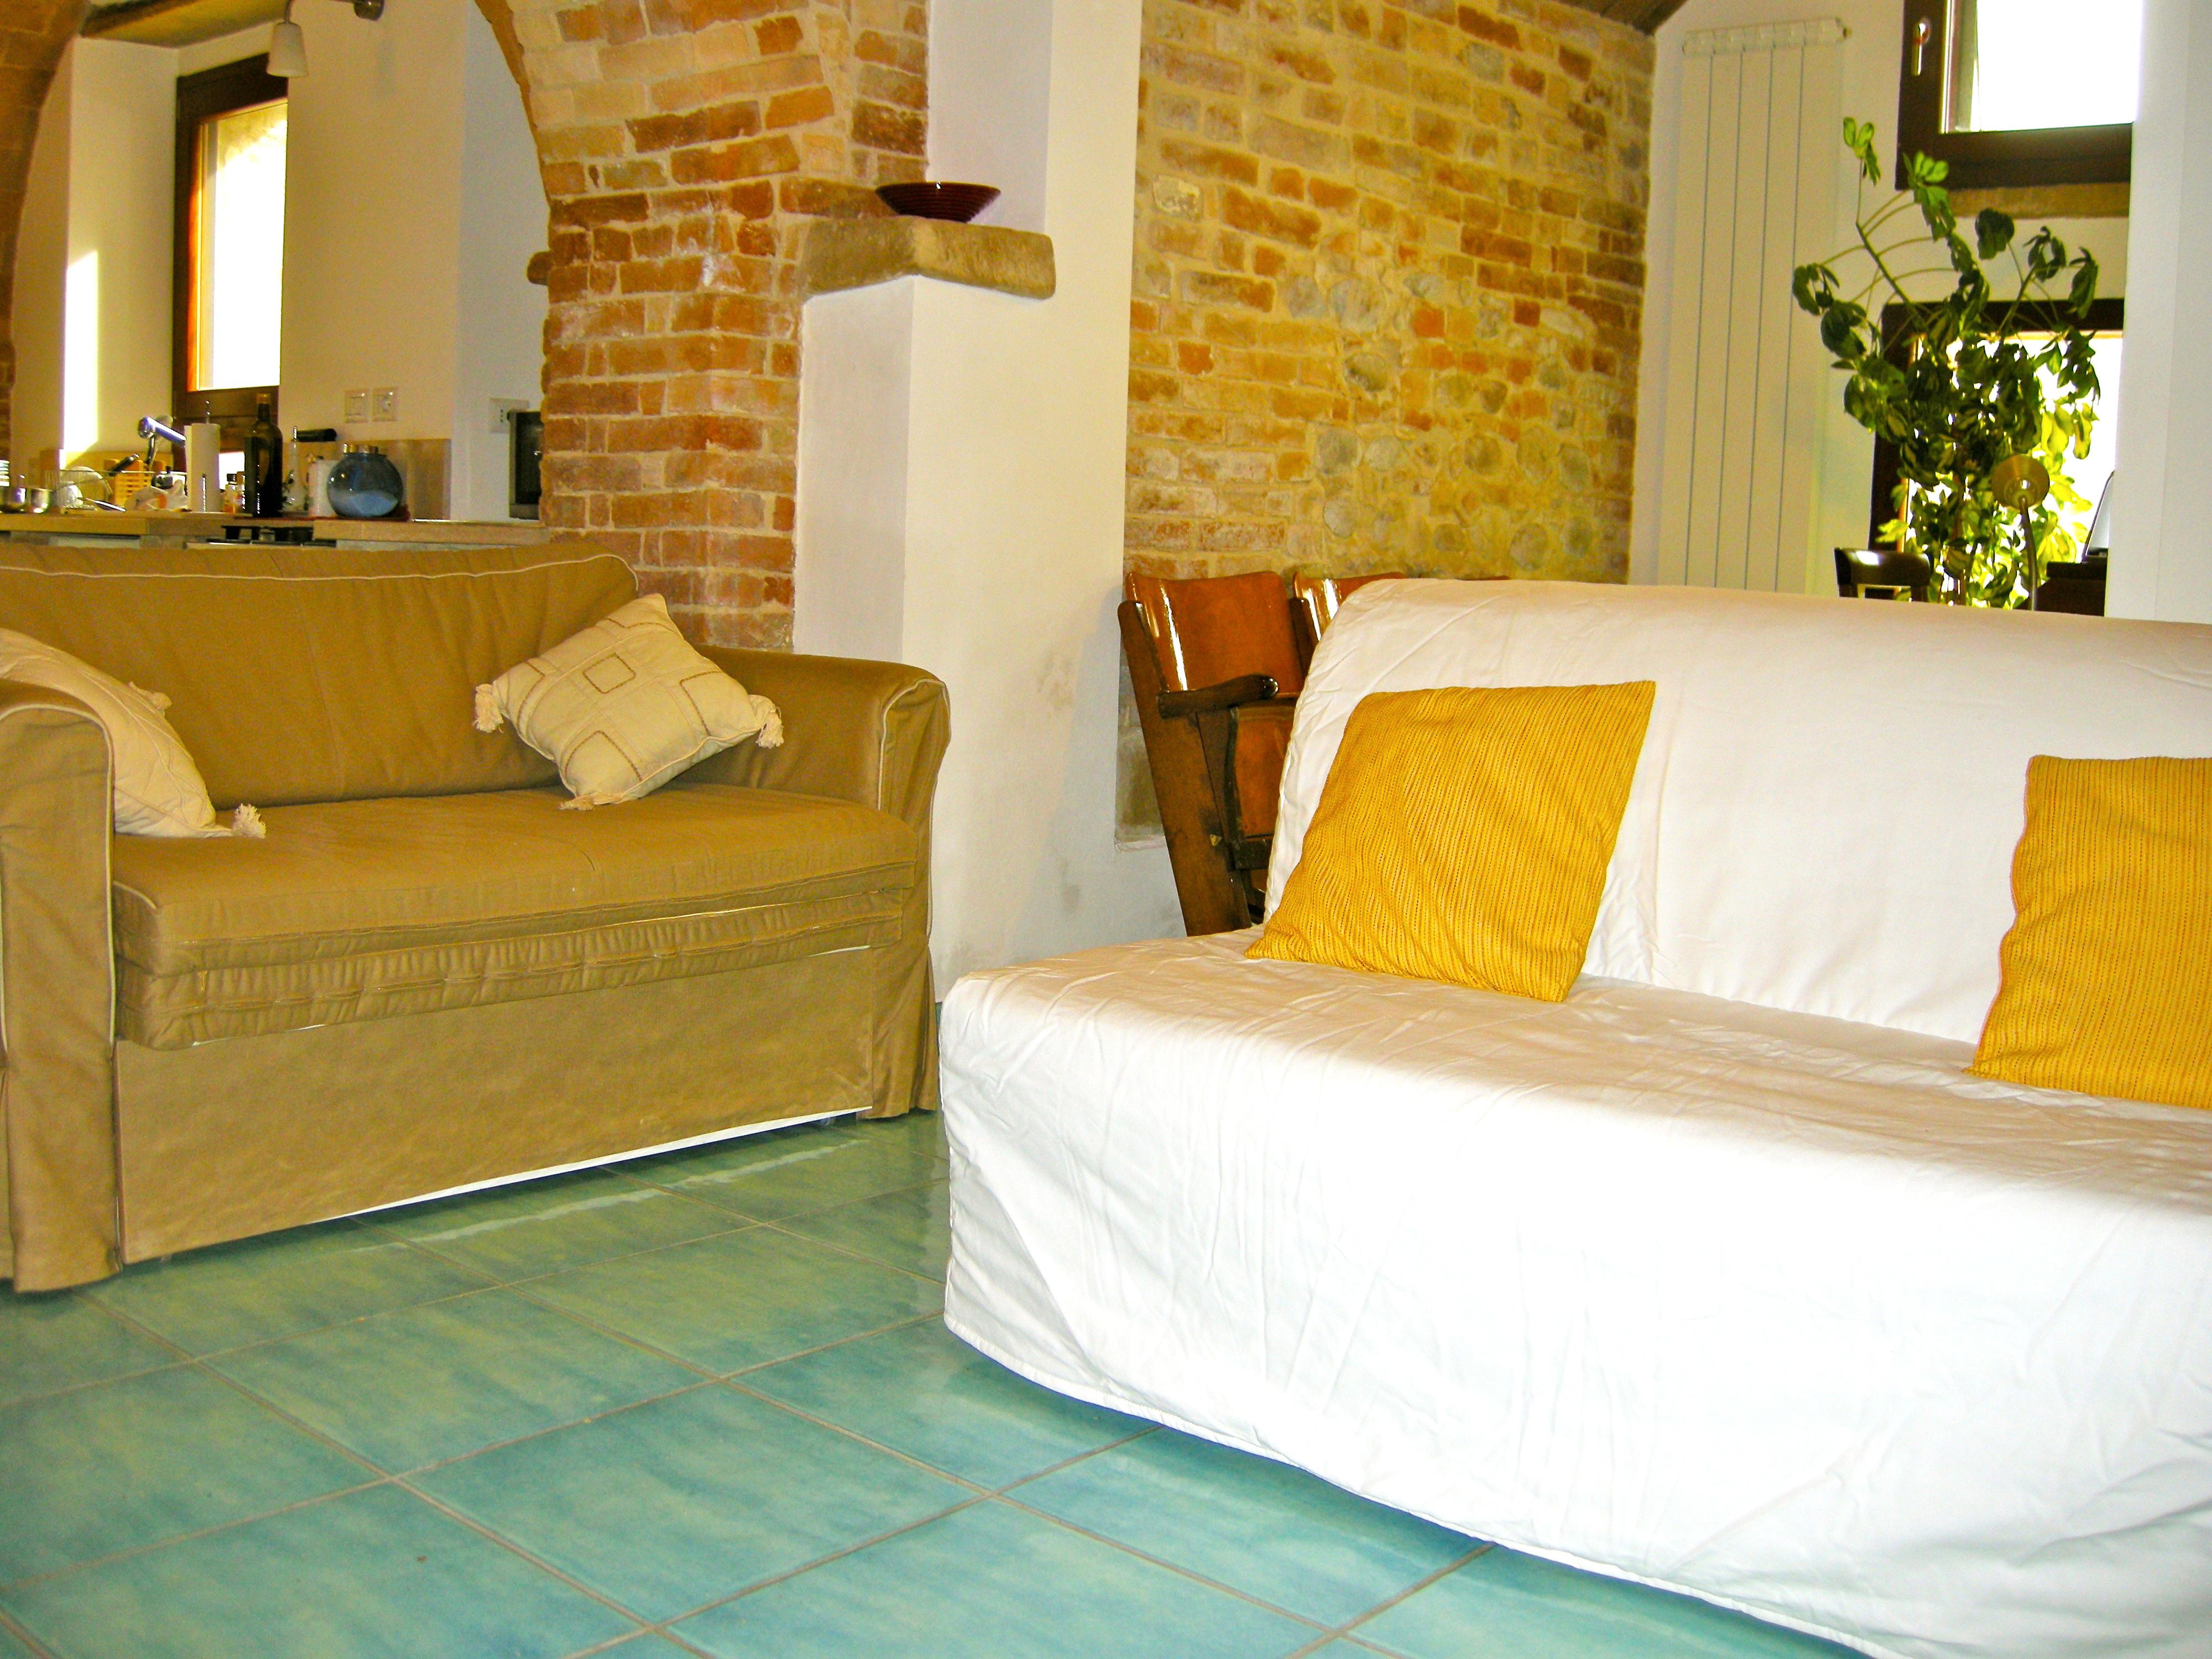 Ferienwohnung Il Casale di Giovanna - Rosemary (2123980), San Venanzo, Ascoli Piceno, Marken, Italien, Bild 15